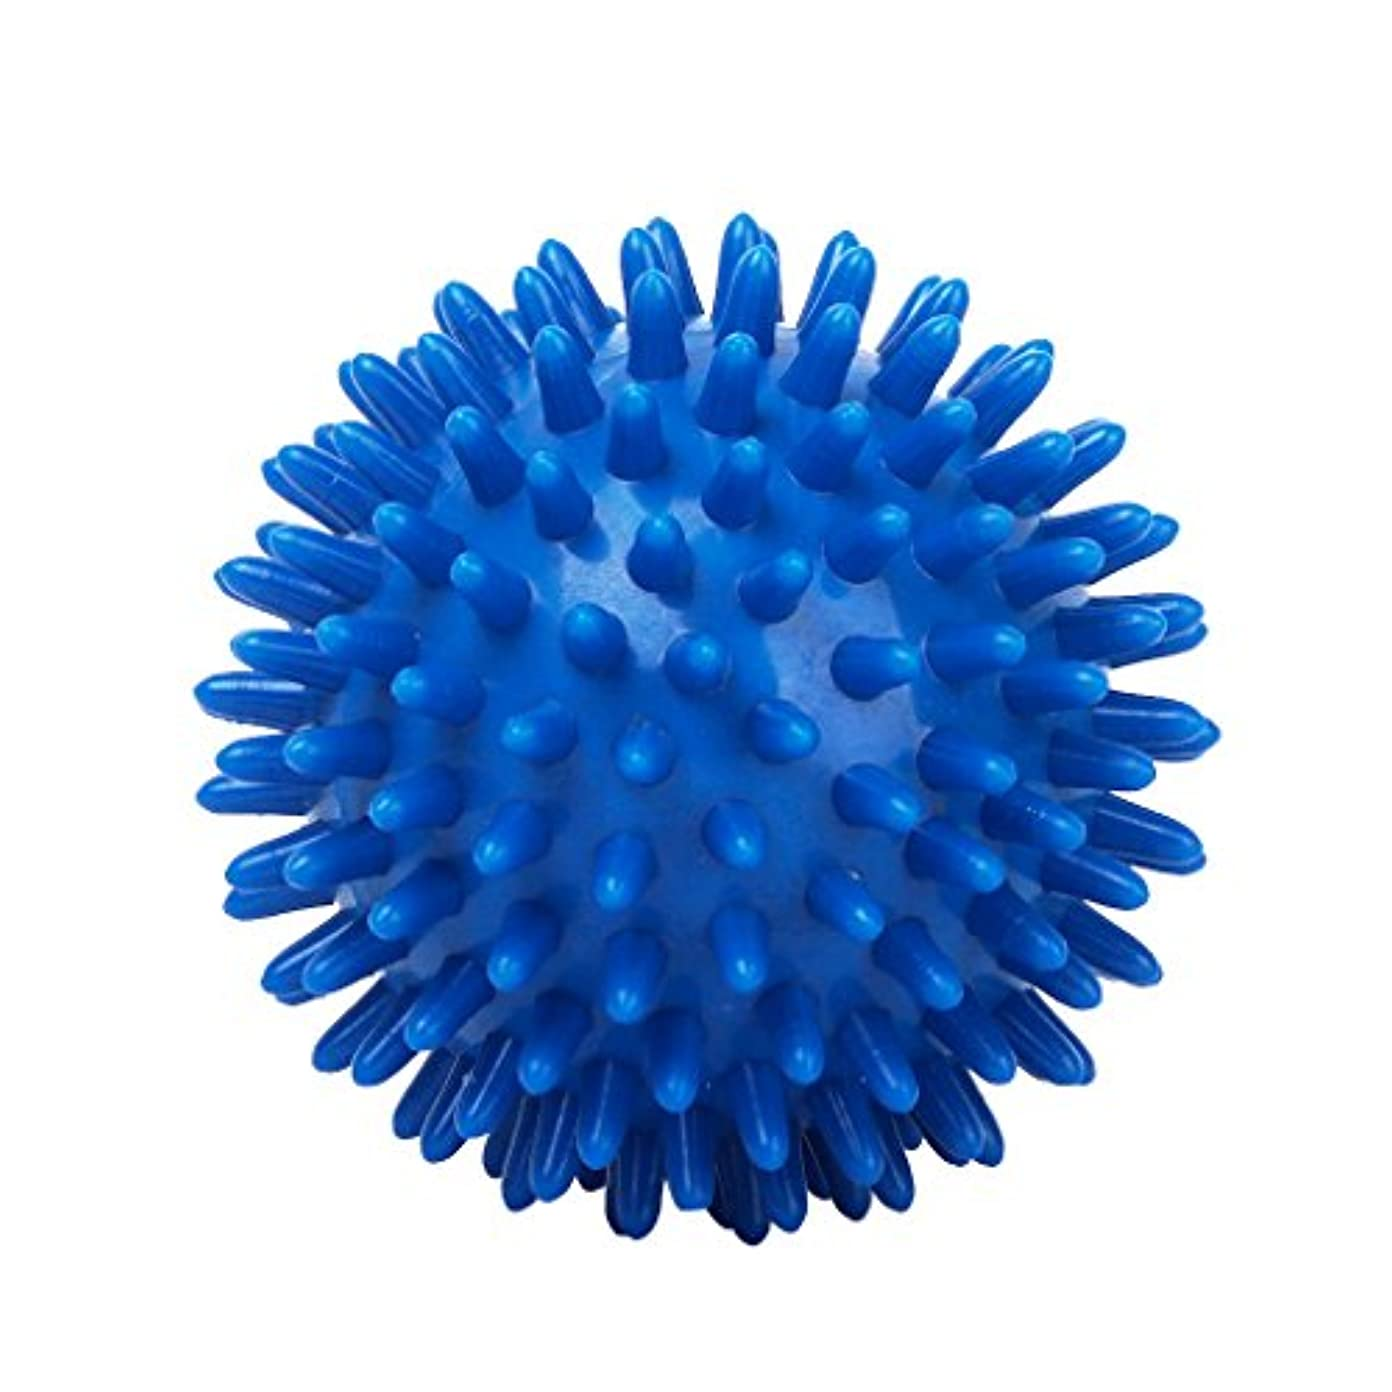 内なる回答灌漑便利 小型 マッサージボール 足用 筋肉対応 8cm マッサージ ボール PVC製 ブルー